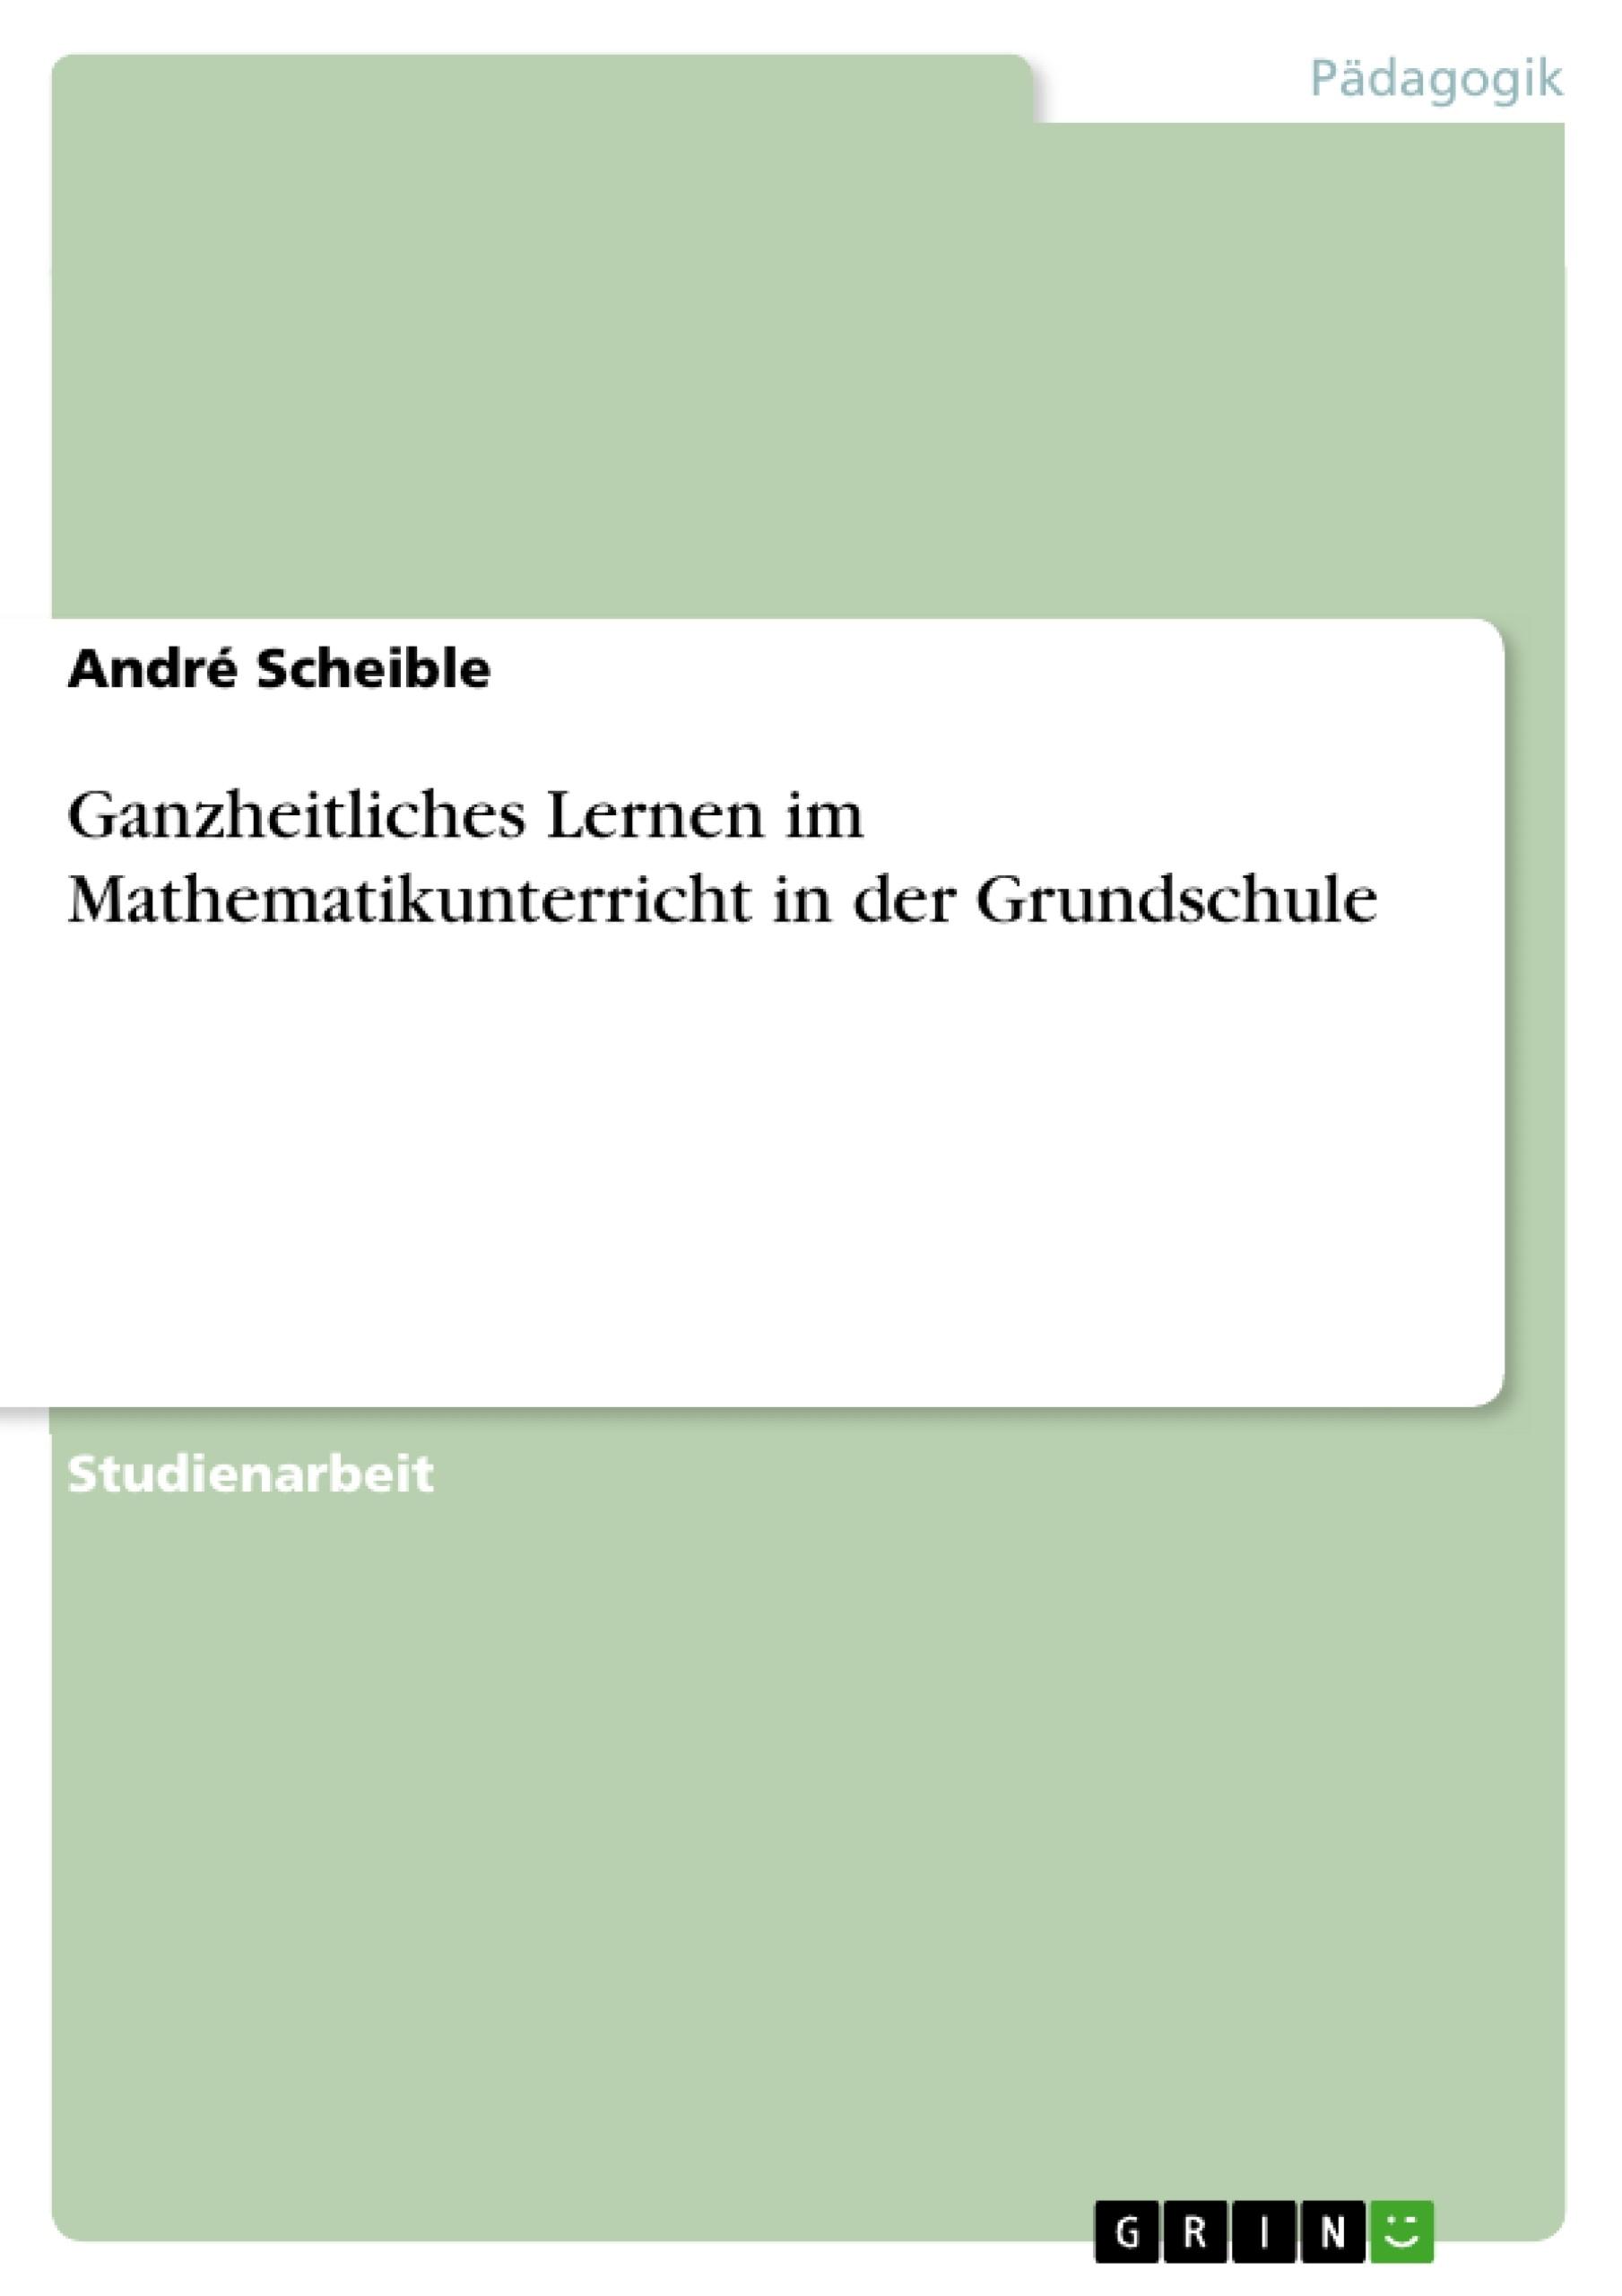 Titel: Ganzheitliches Lernen im Mathematikunterricht in der Grundschule